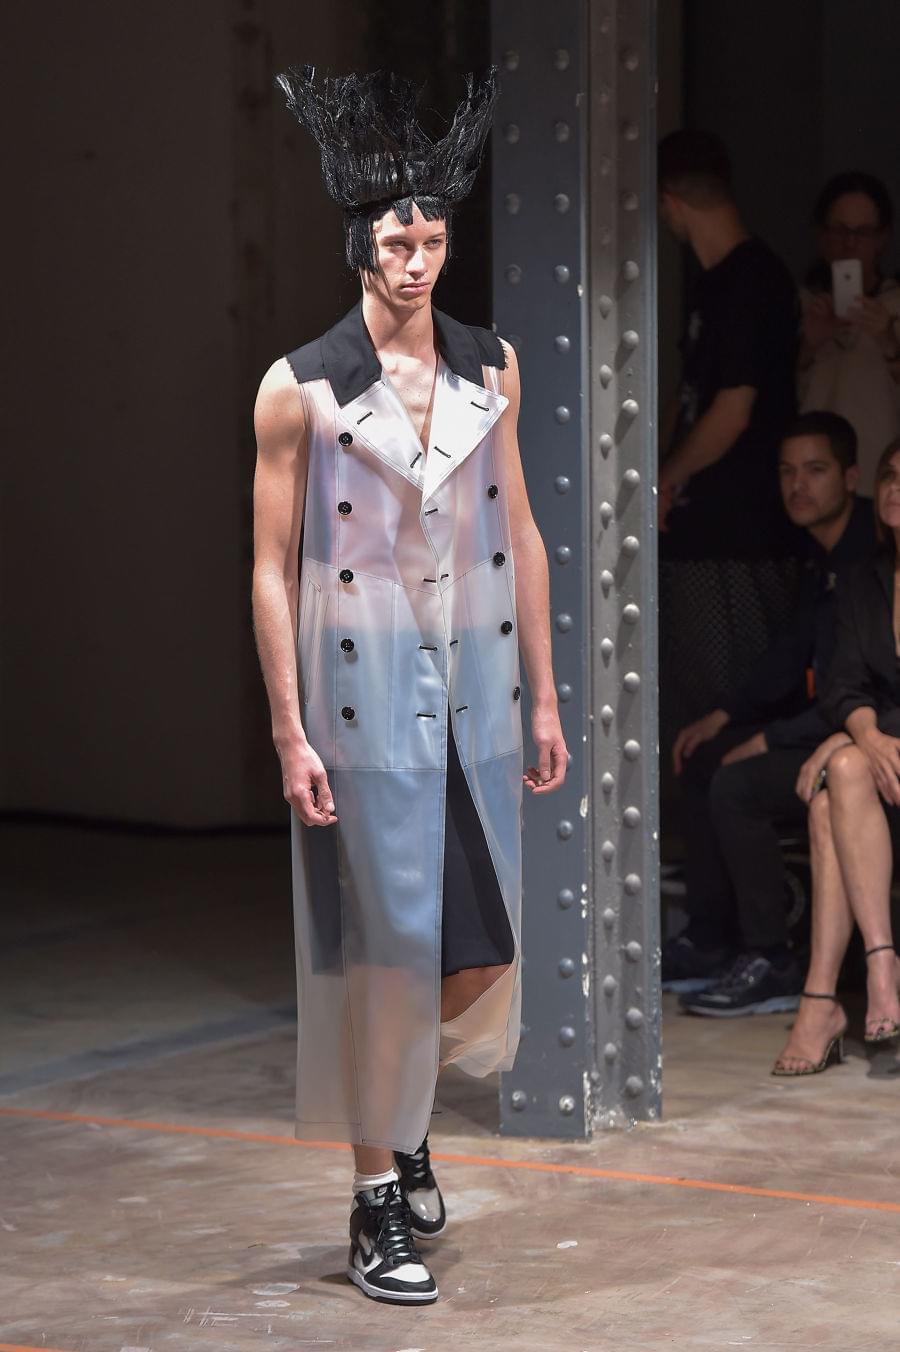 2017春夏メンズコレクション|コレクション(ファッションショー)のランウェイフォトギャラリー|カーサ ブルータス